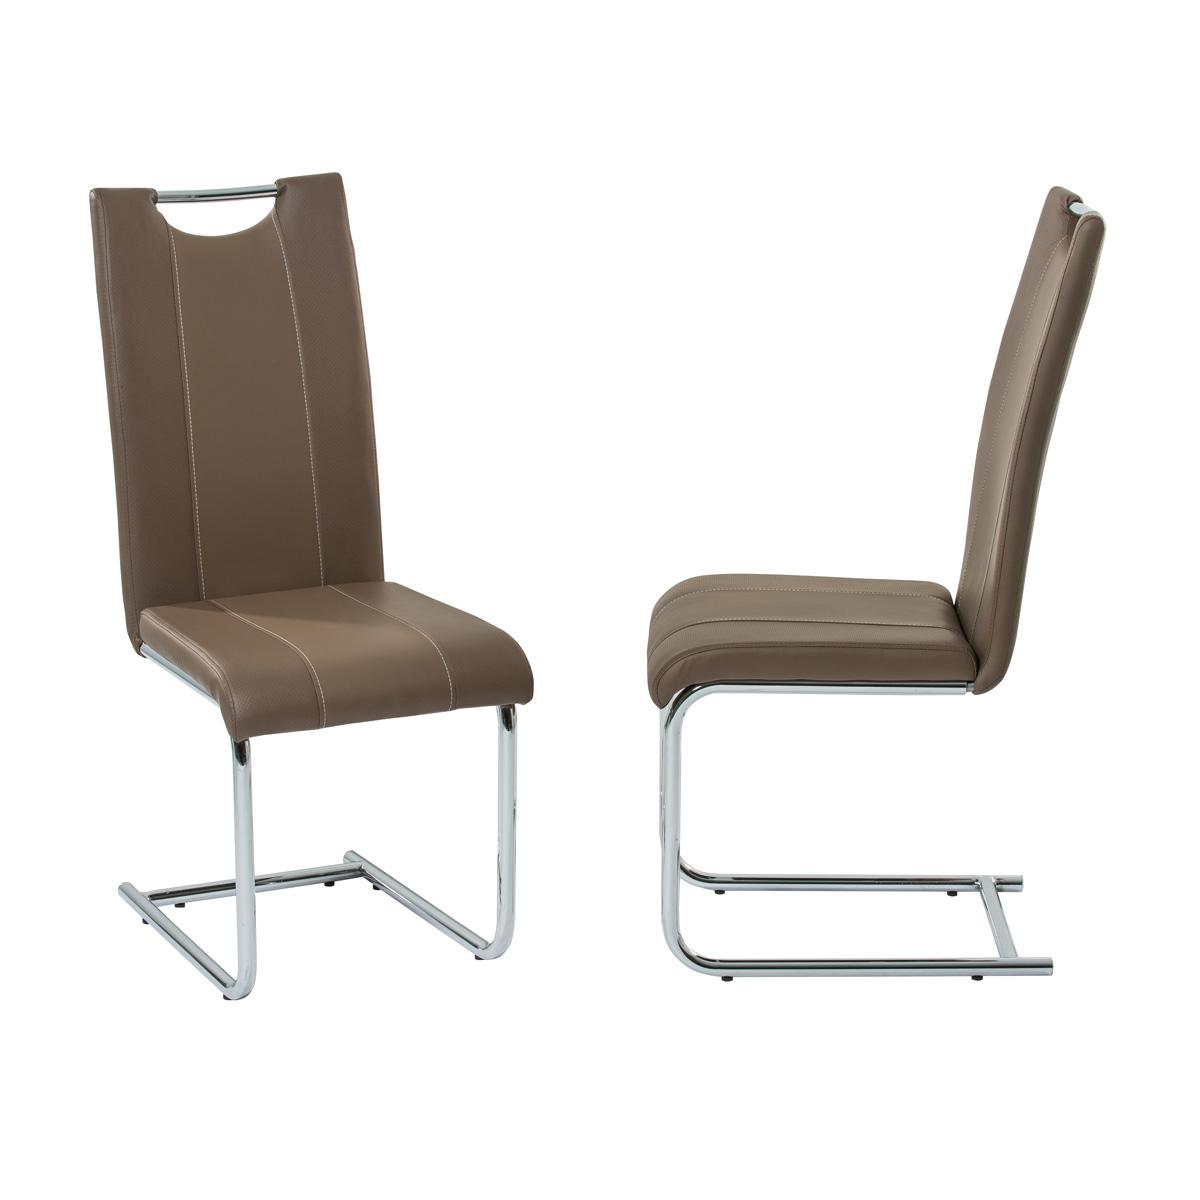 schwingstuhl 4er set sabine stuhl esszimmerstuhl in. Black Bedroom Furniture Sets. Home Design Ideas